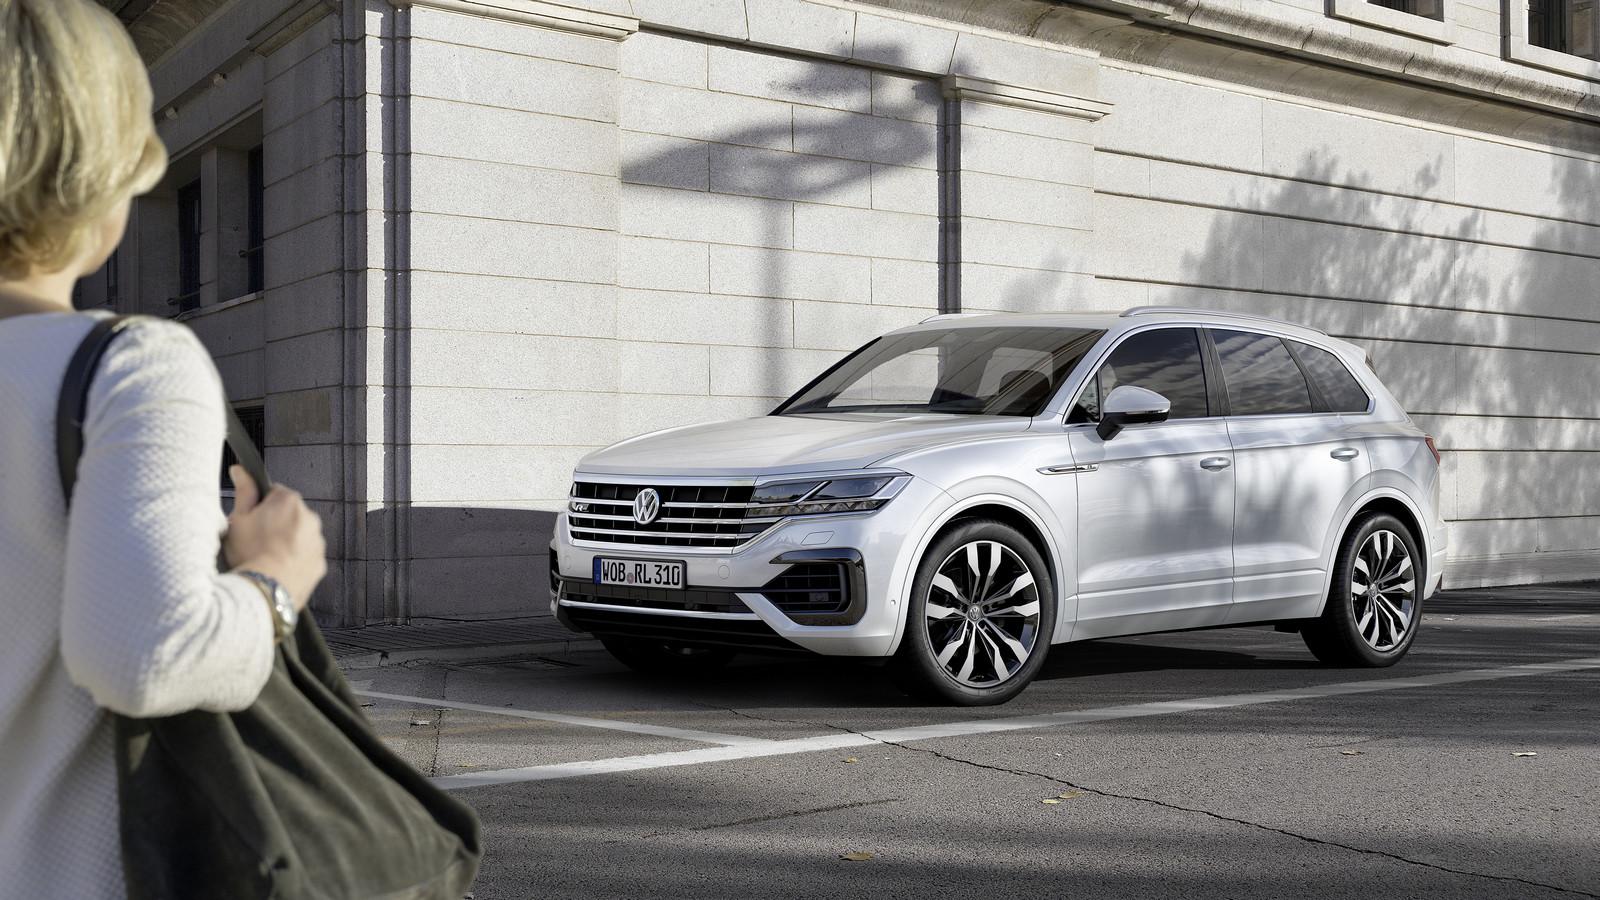 VW Jetta обновленного поколения будет дешевле собственных предшественников